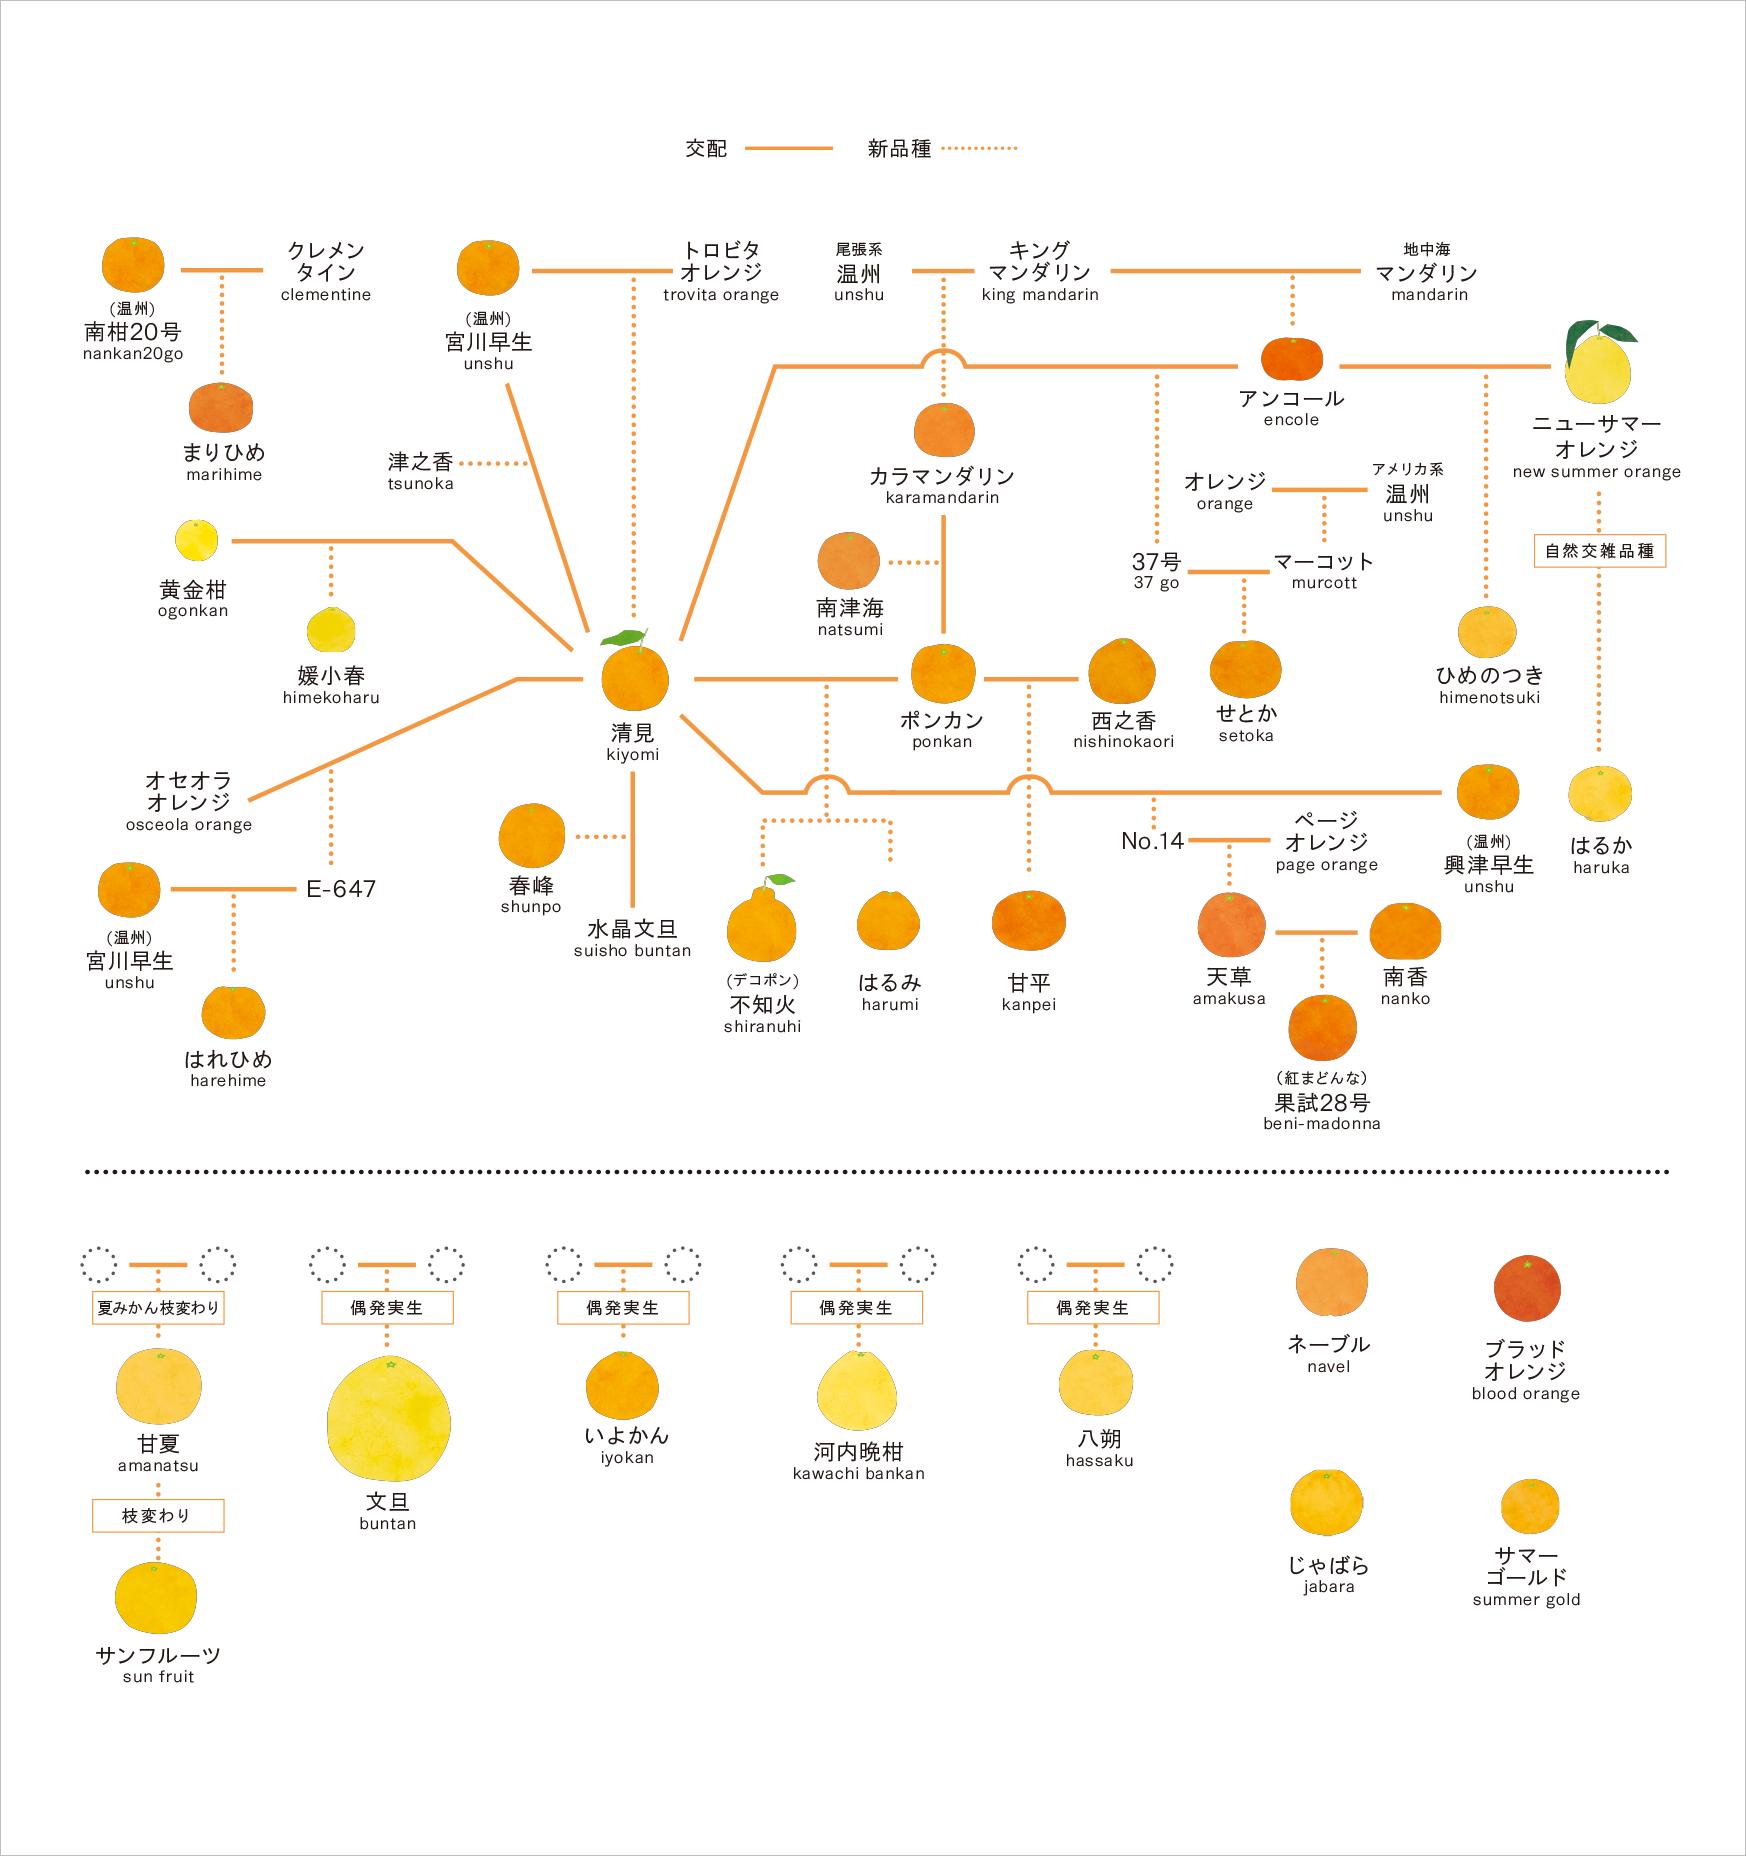 201905みかん系図